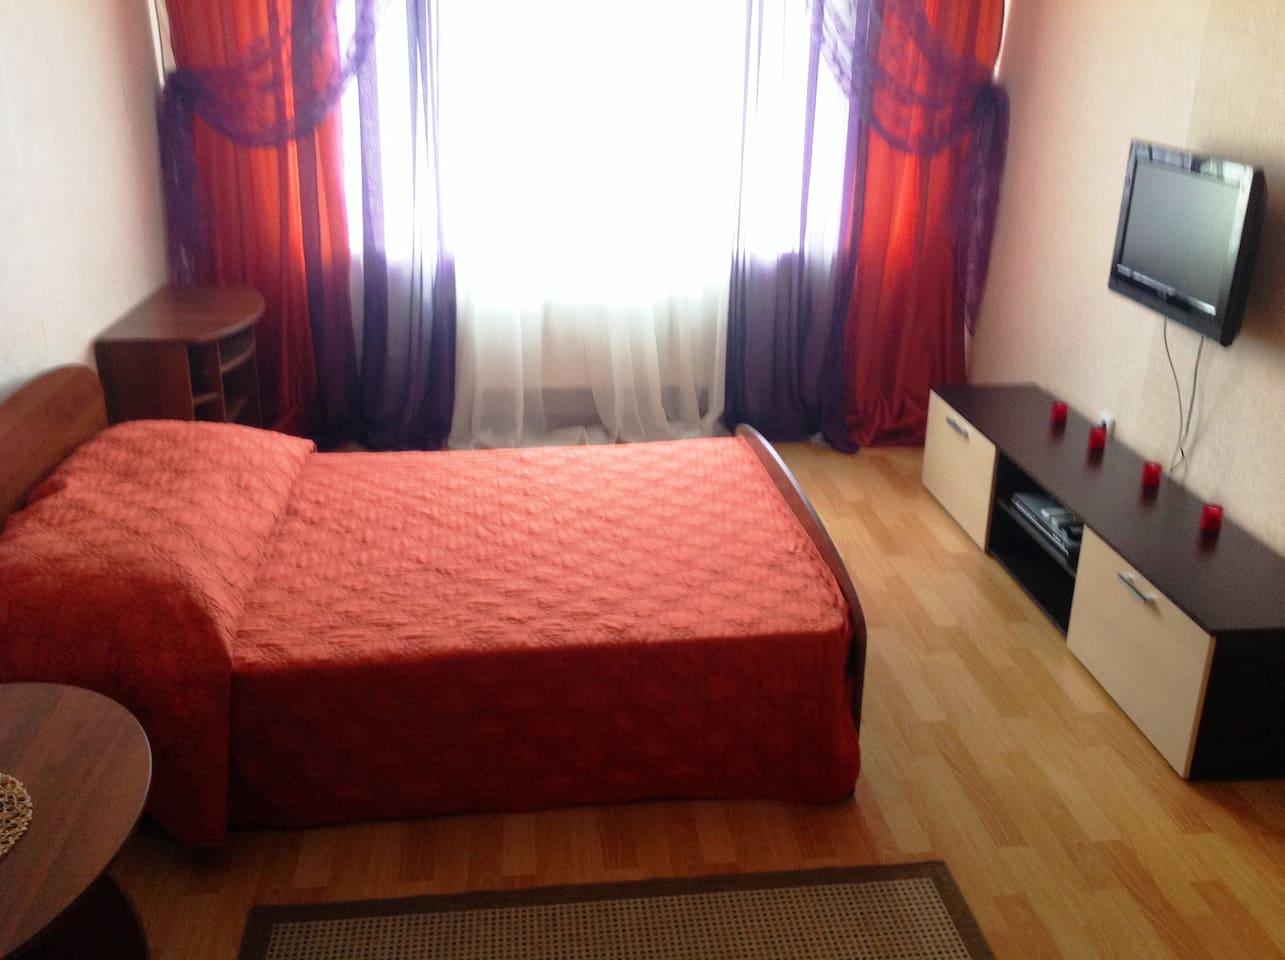 Квартира посуточно в Краснодаре Черкасская 58 р-н Краевой больницы +(PHONE NUMBER HIDDEN) (URL HIDDEN)